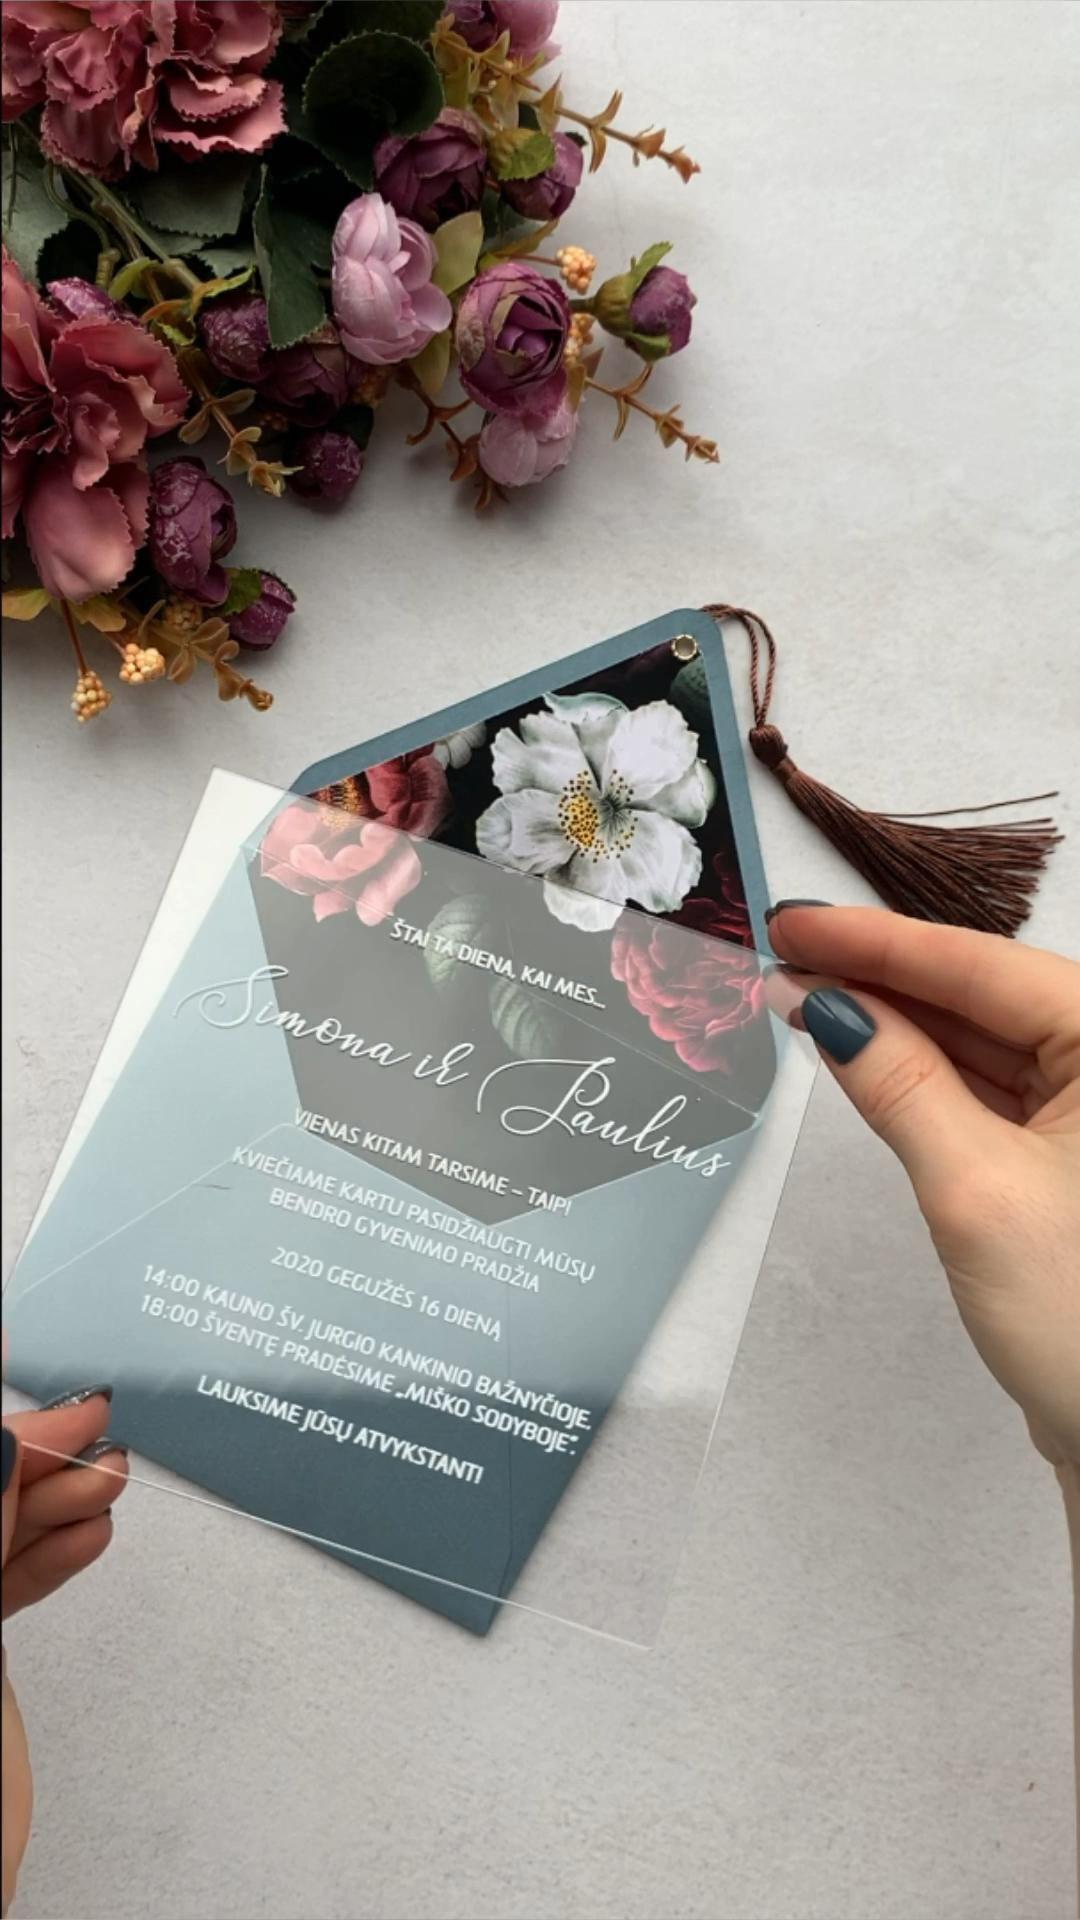 Transparent wedding invitation/ floral design for your wedding